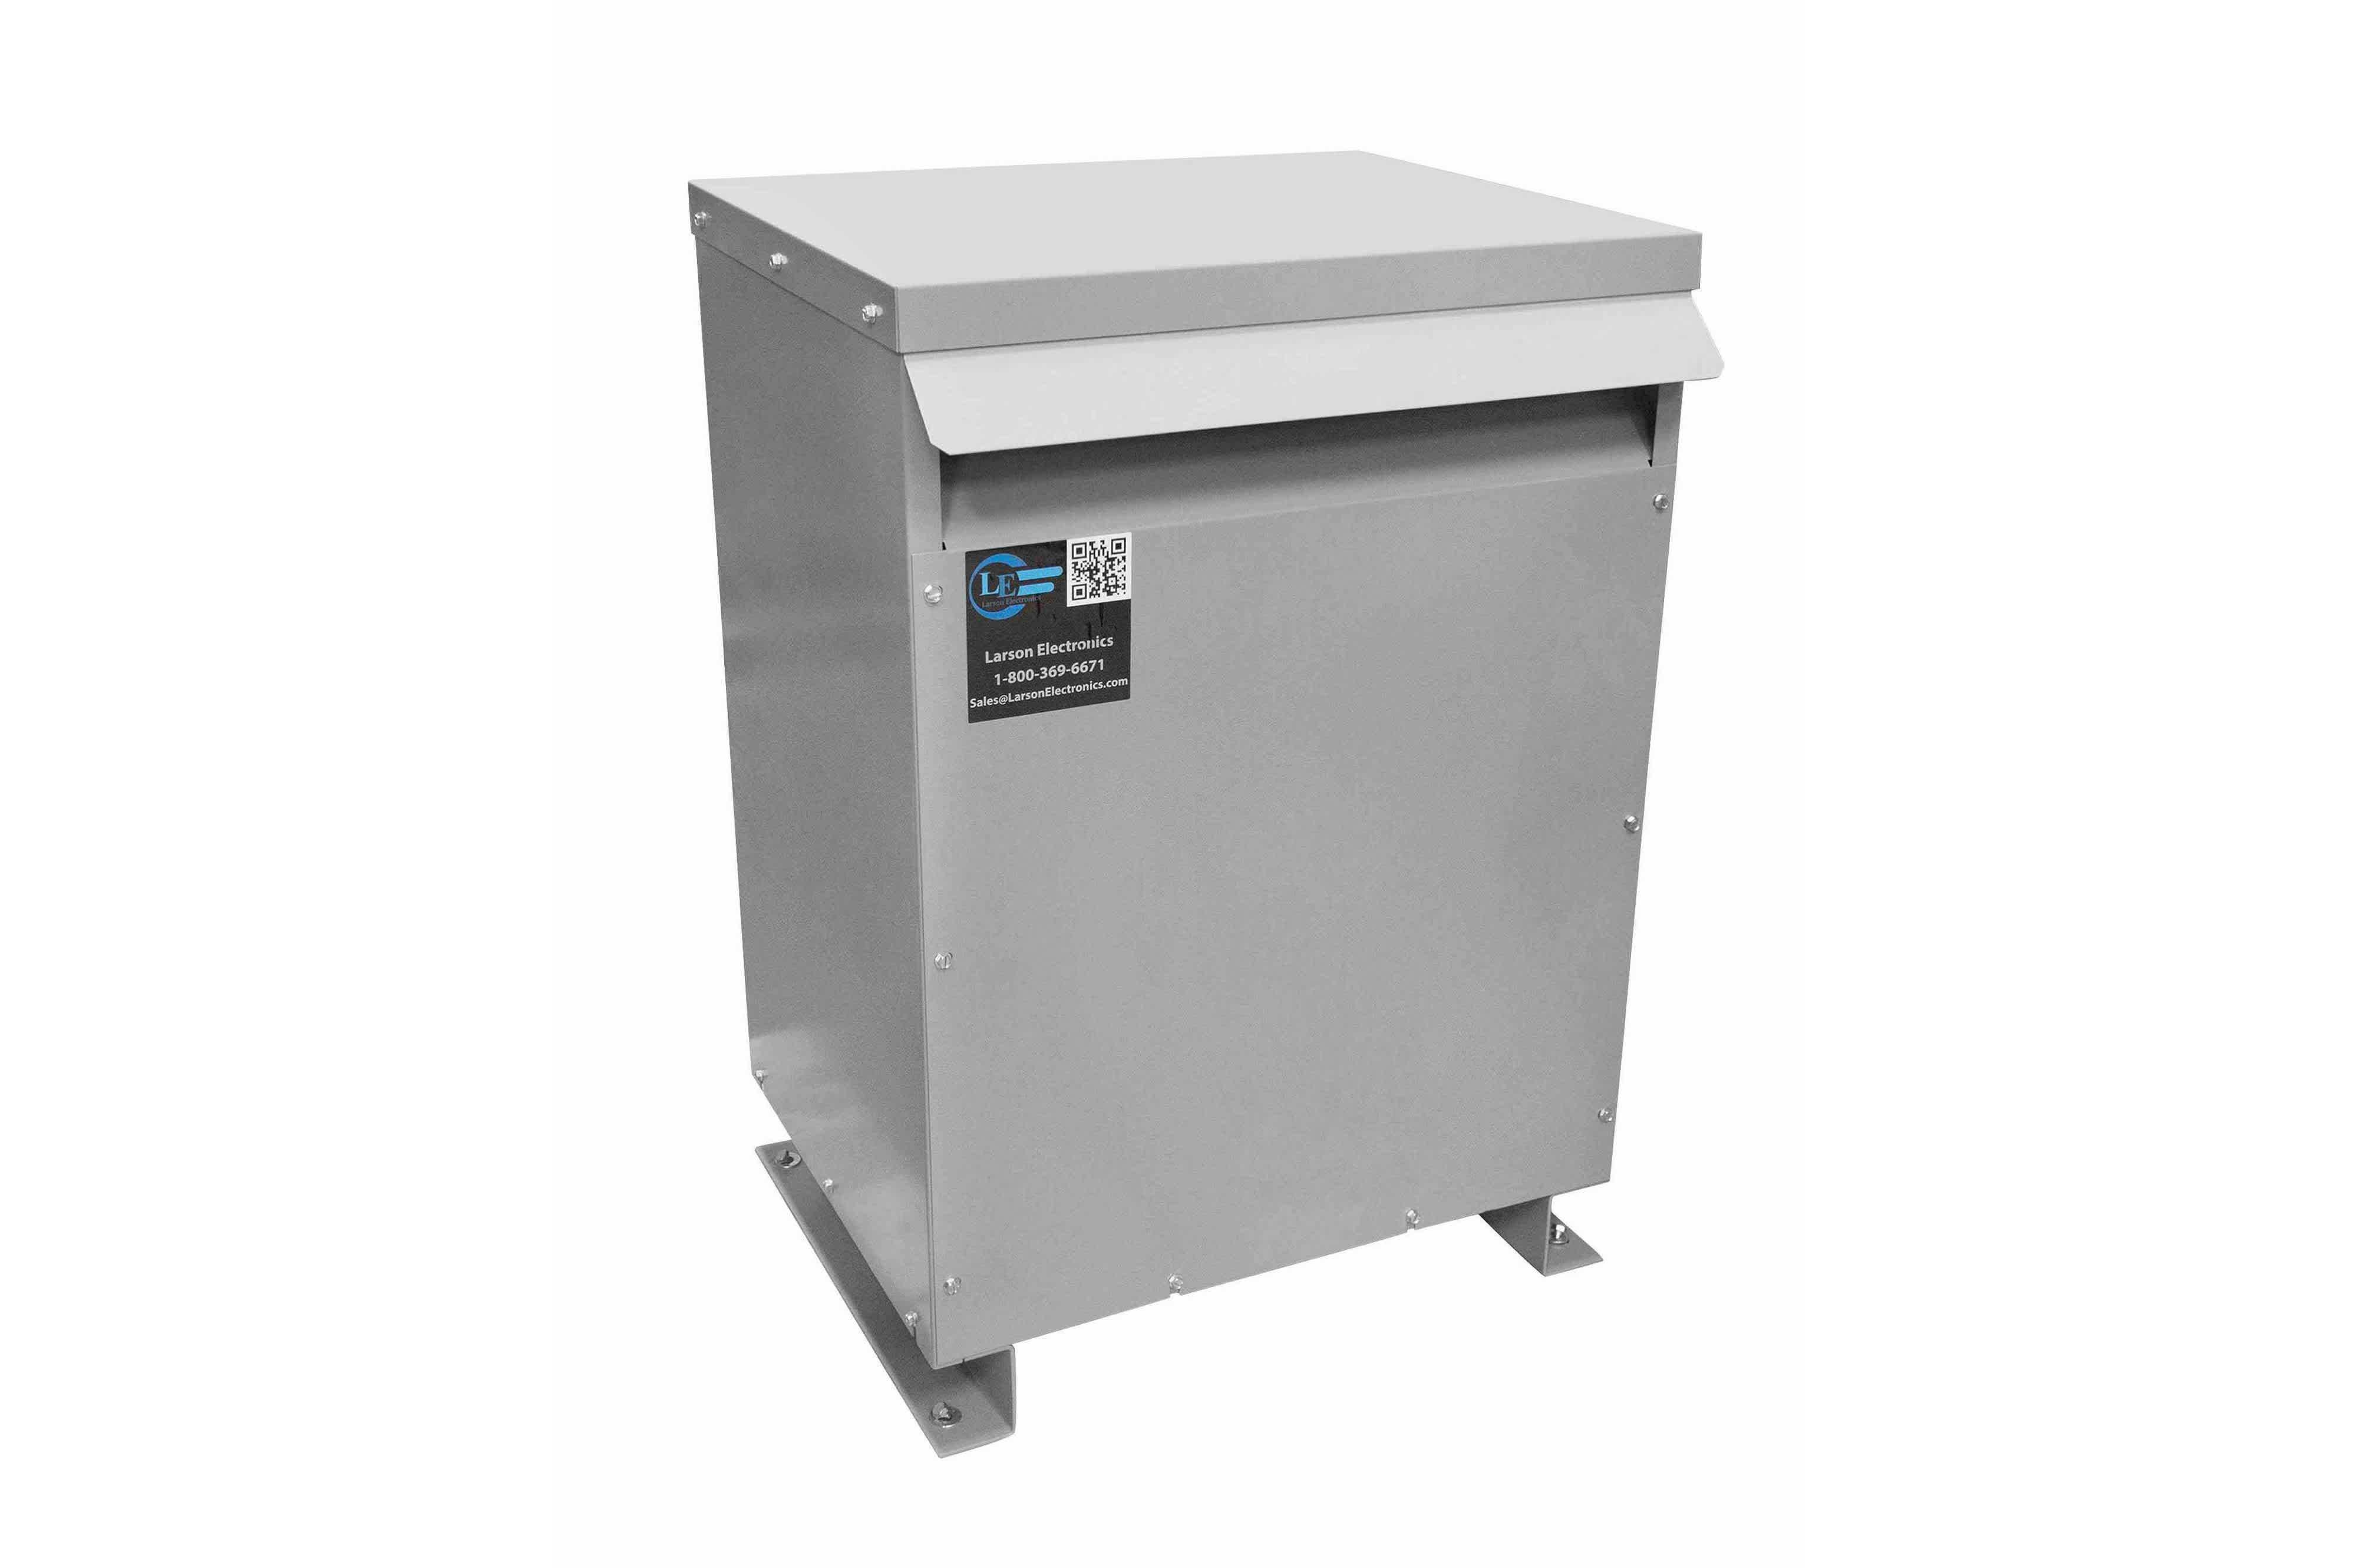 14 kVA 3PH Isolation Transformer, 240V Delta Primary, 415V Delta Secondary, N3R, Ventilated, 60 Hz